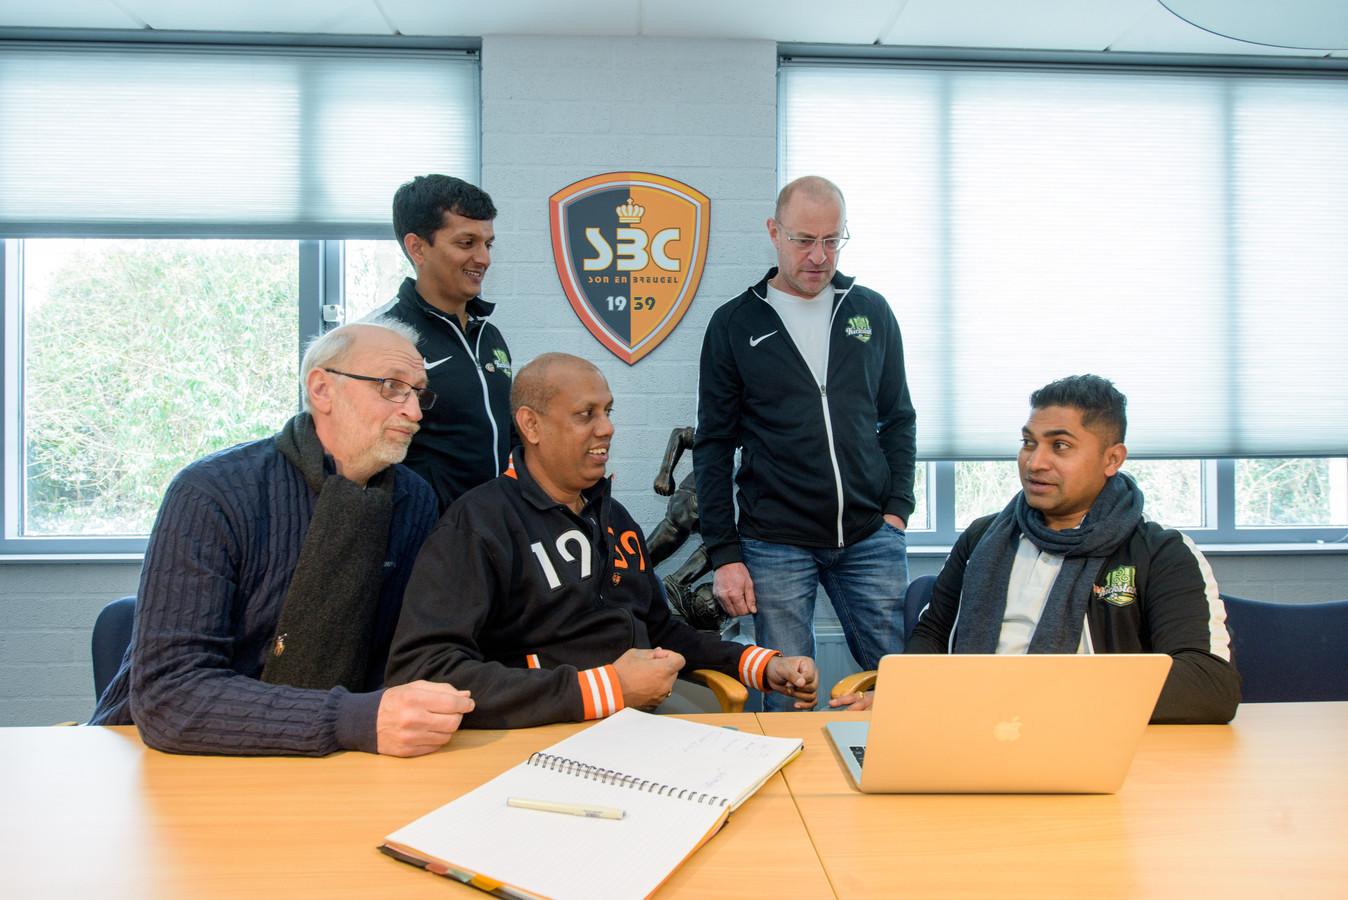 Voetbalclub FC Kickstart uit India brengt bezoek aan voetbalclub SBC